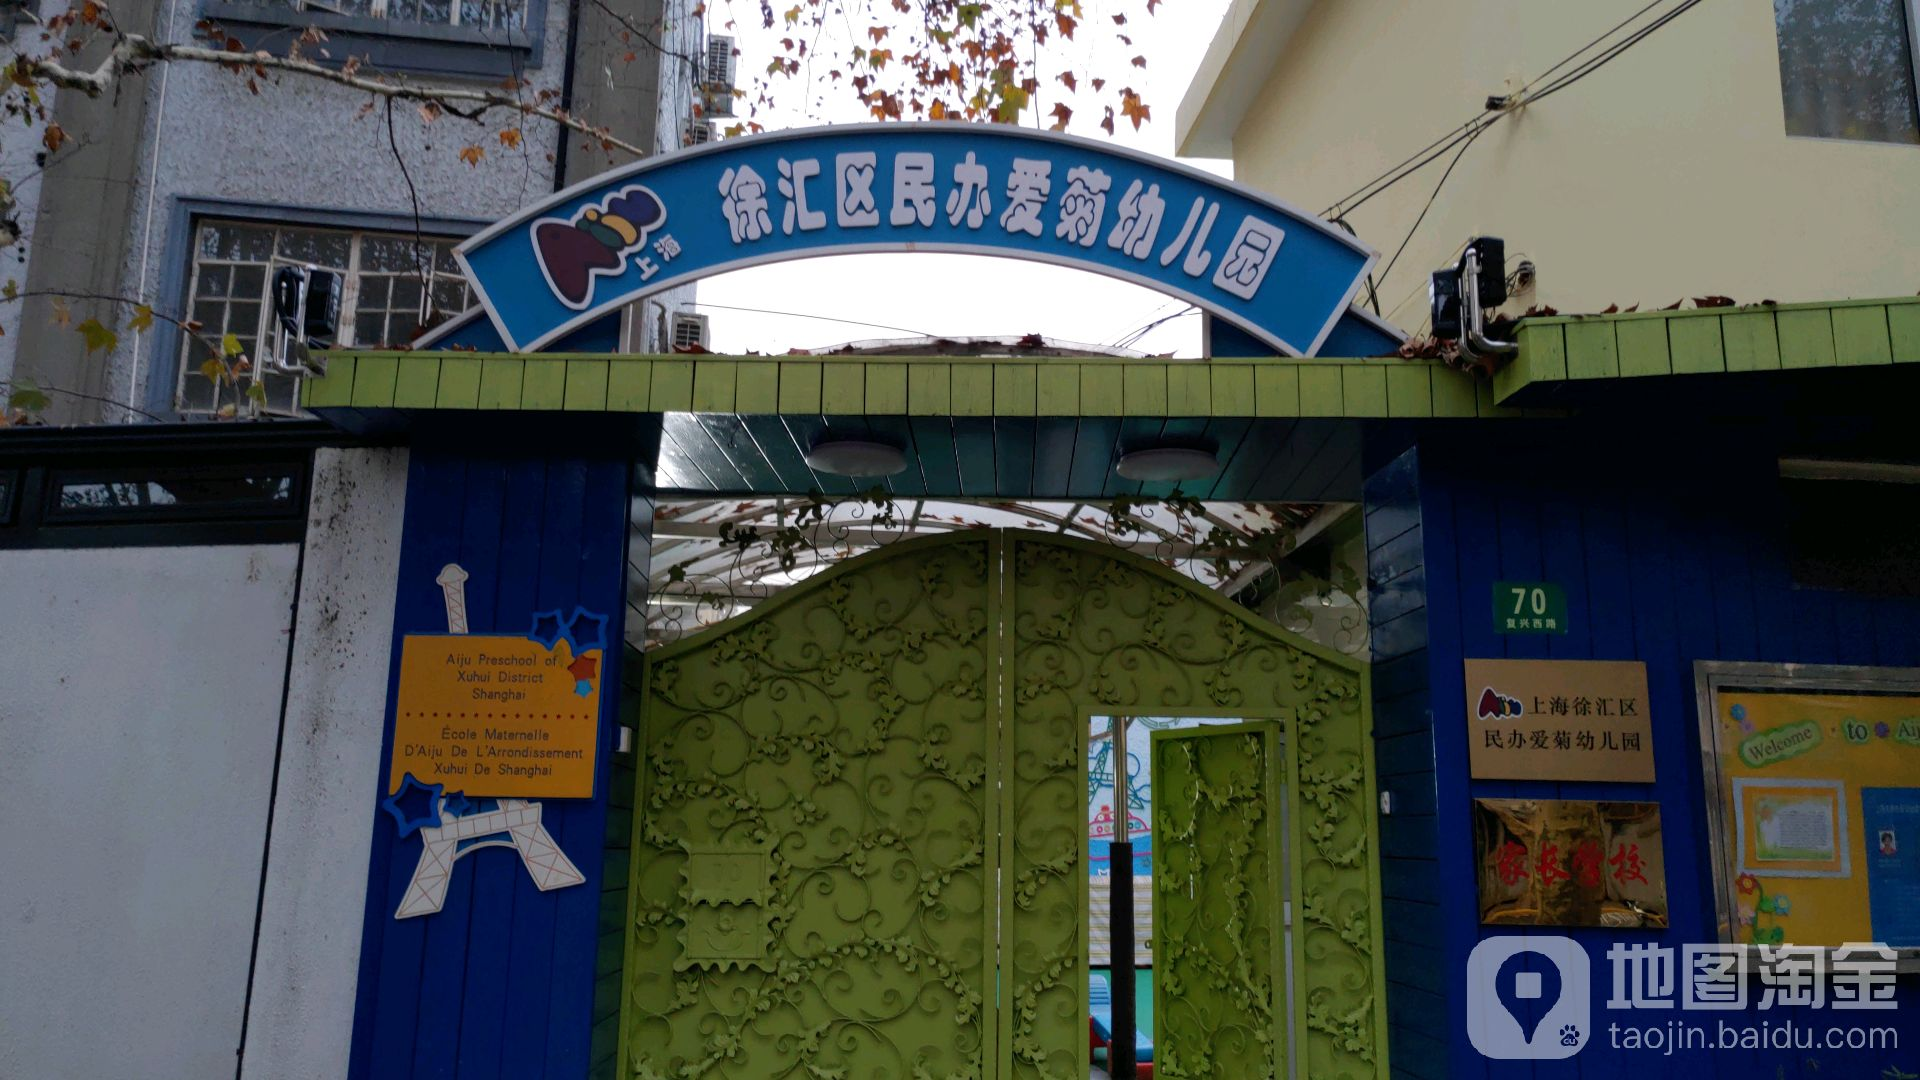 上海徐汇区民办爱菊幼儿园